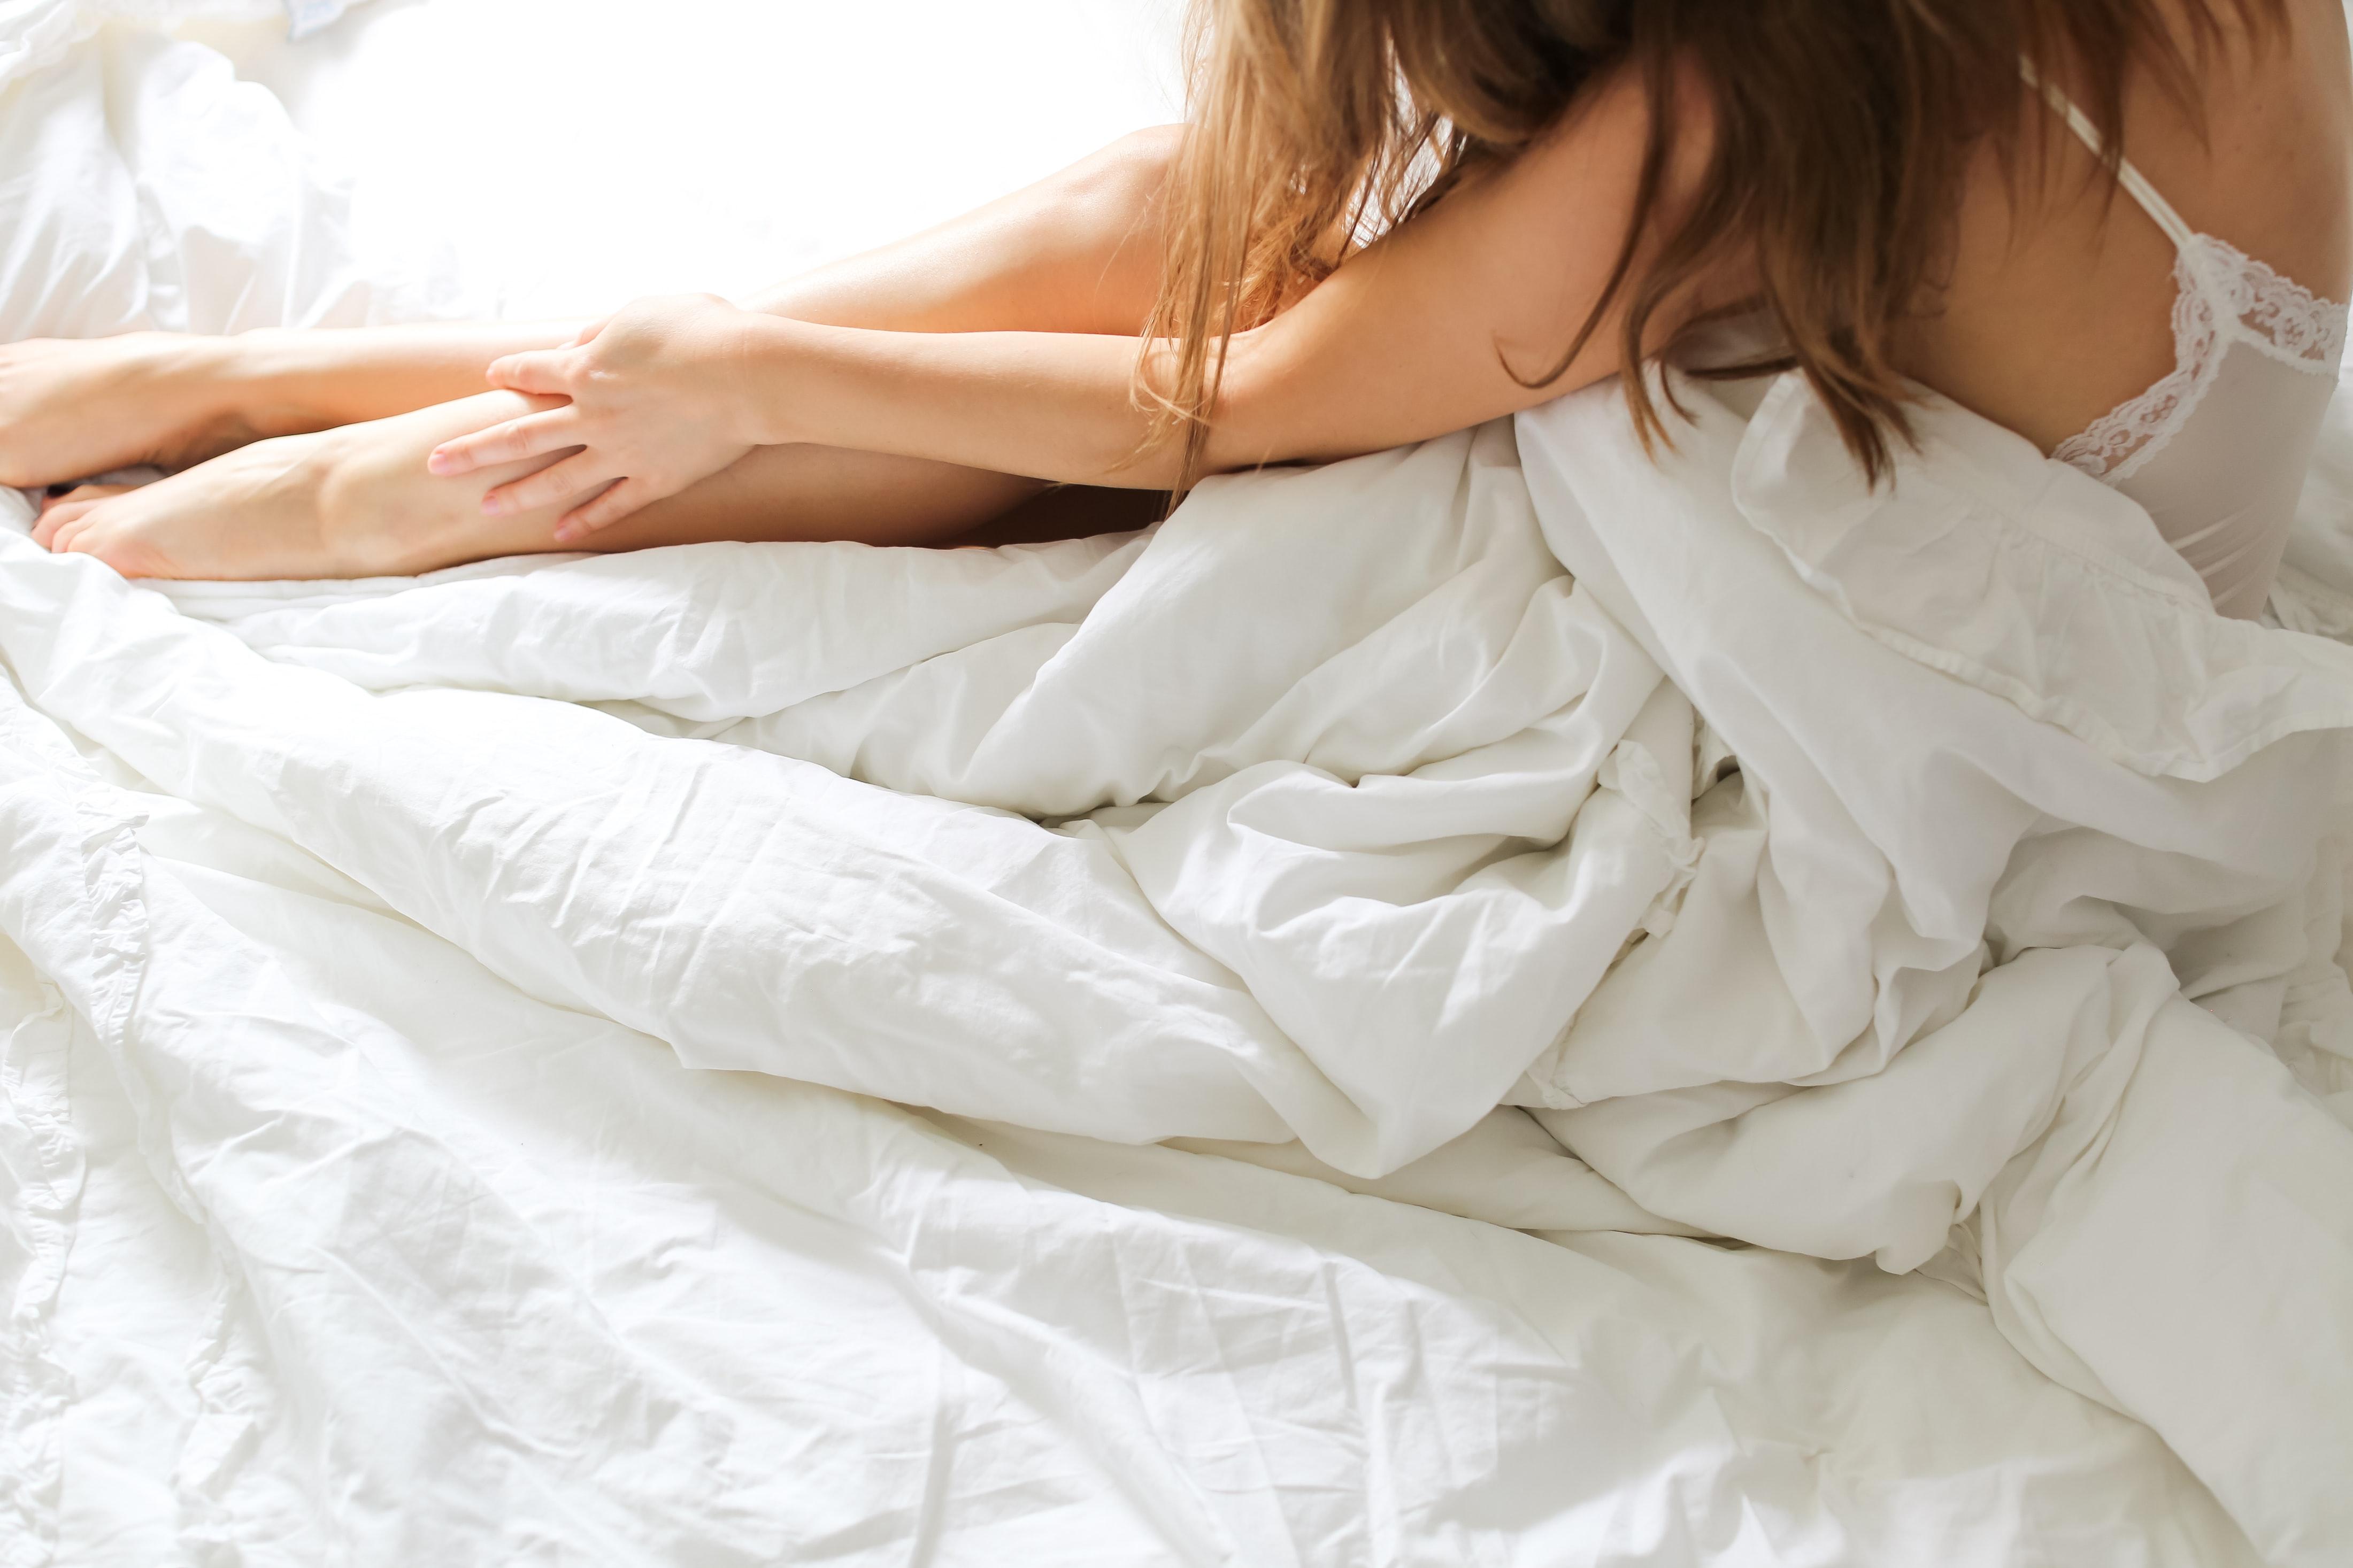 Schlaf nachholen ausschlafen